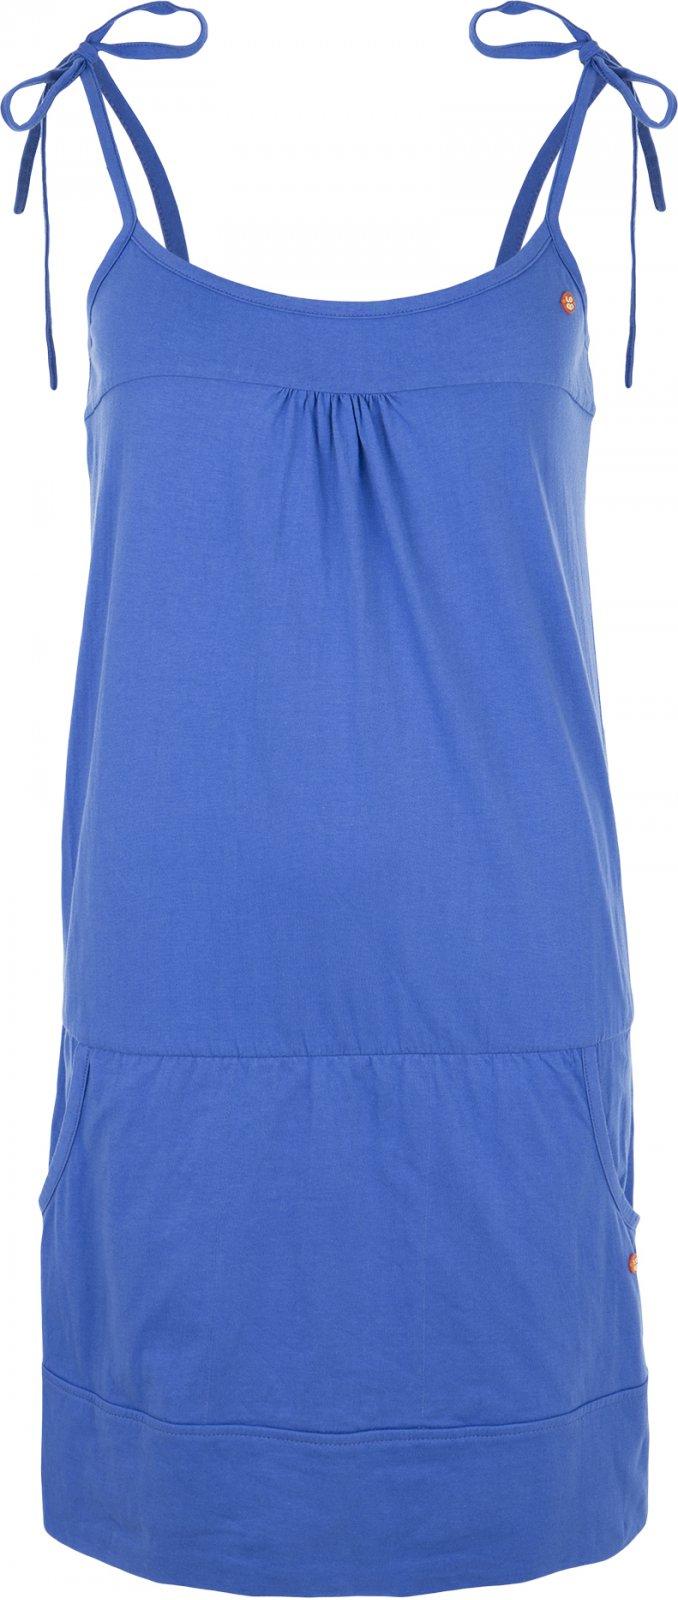 1394fb1c557 Loap Andy dámské sportovní šaty modrá od 397 Kč • Zboží.cz